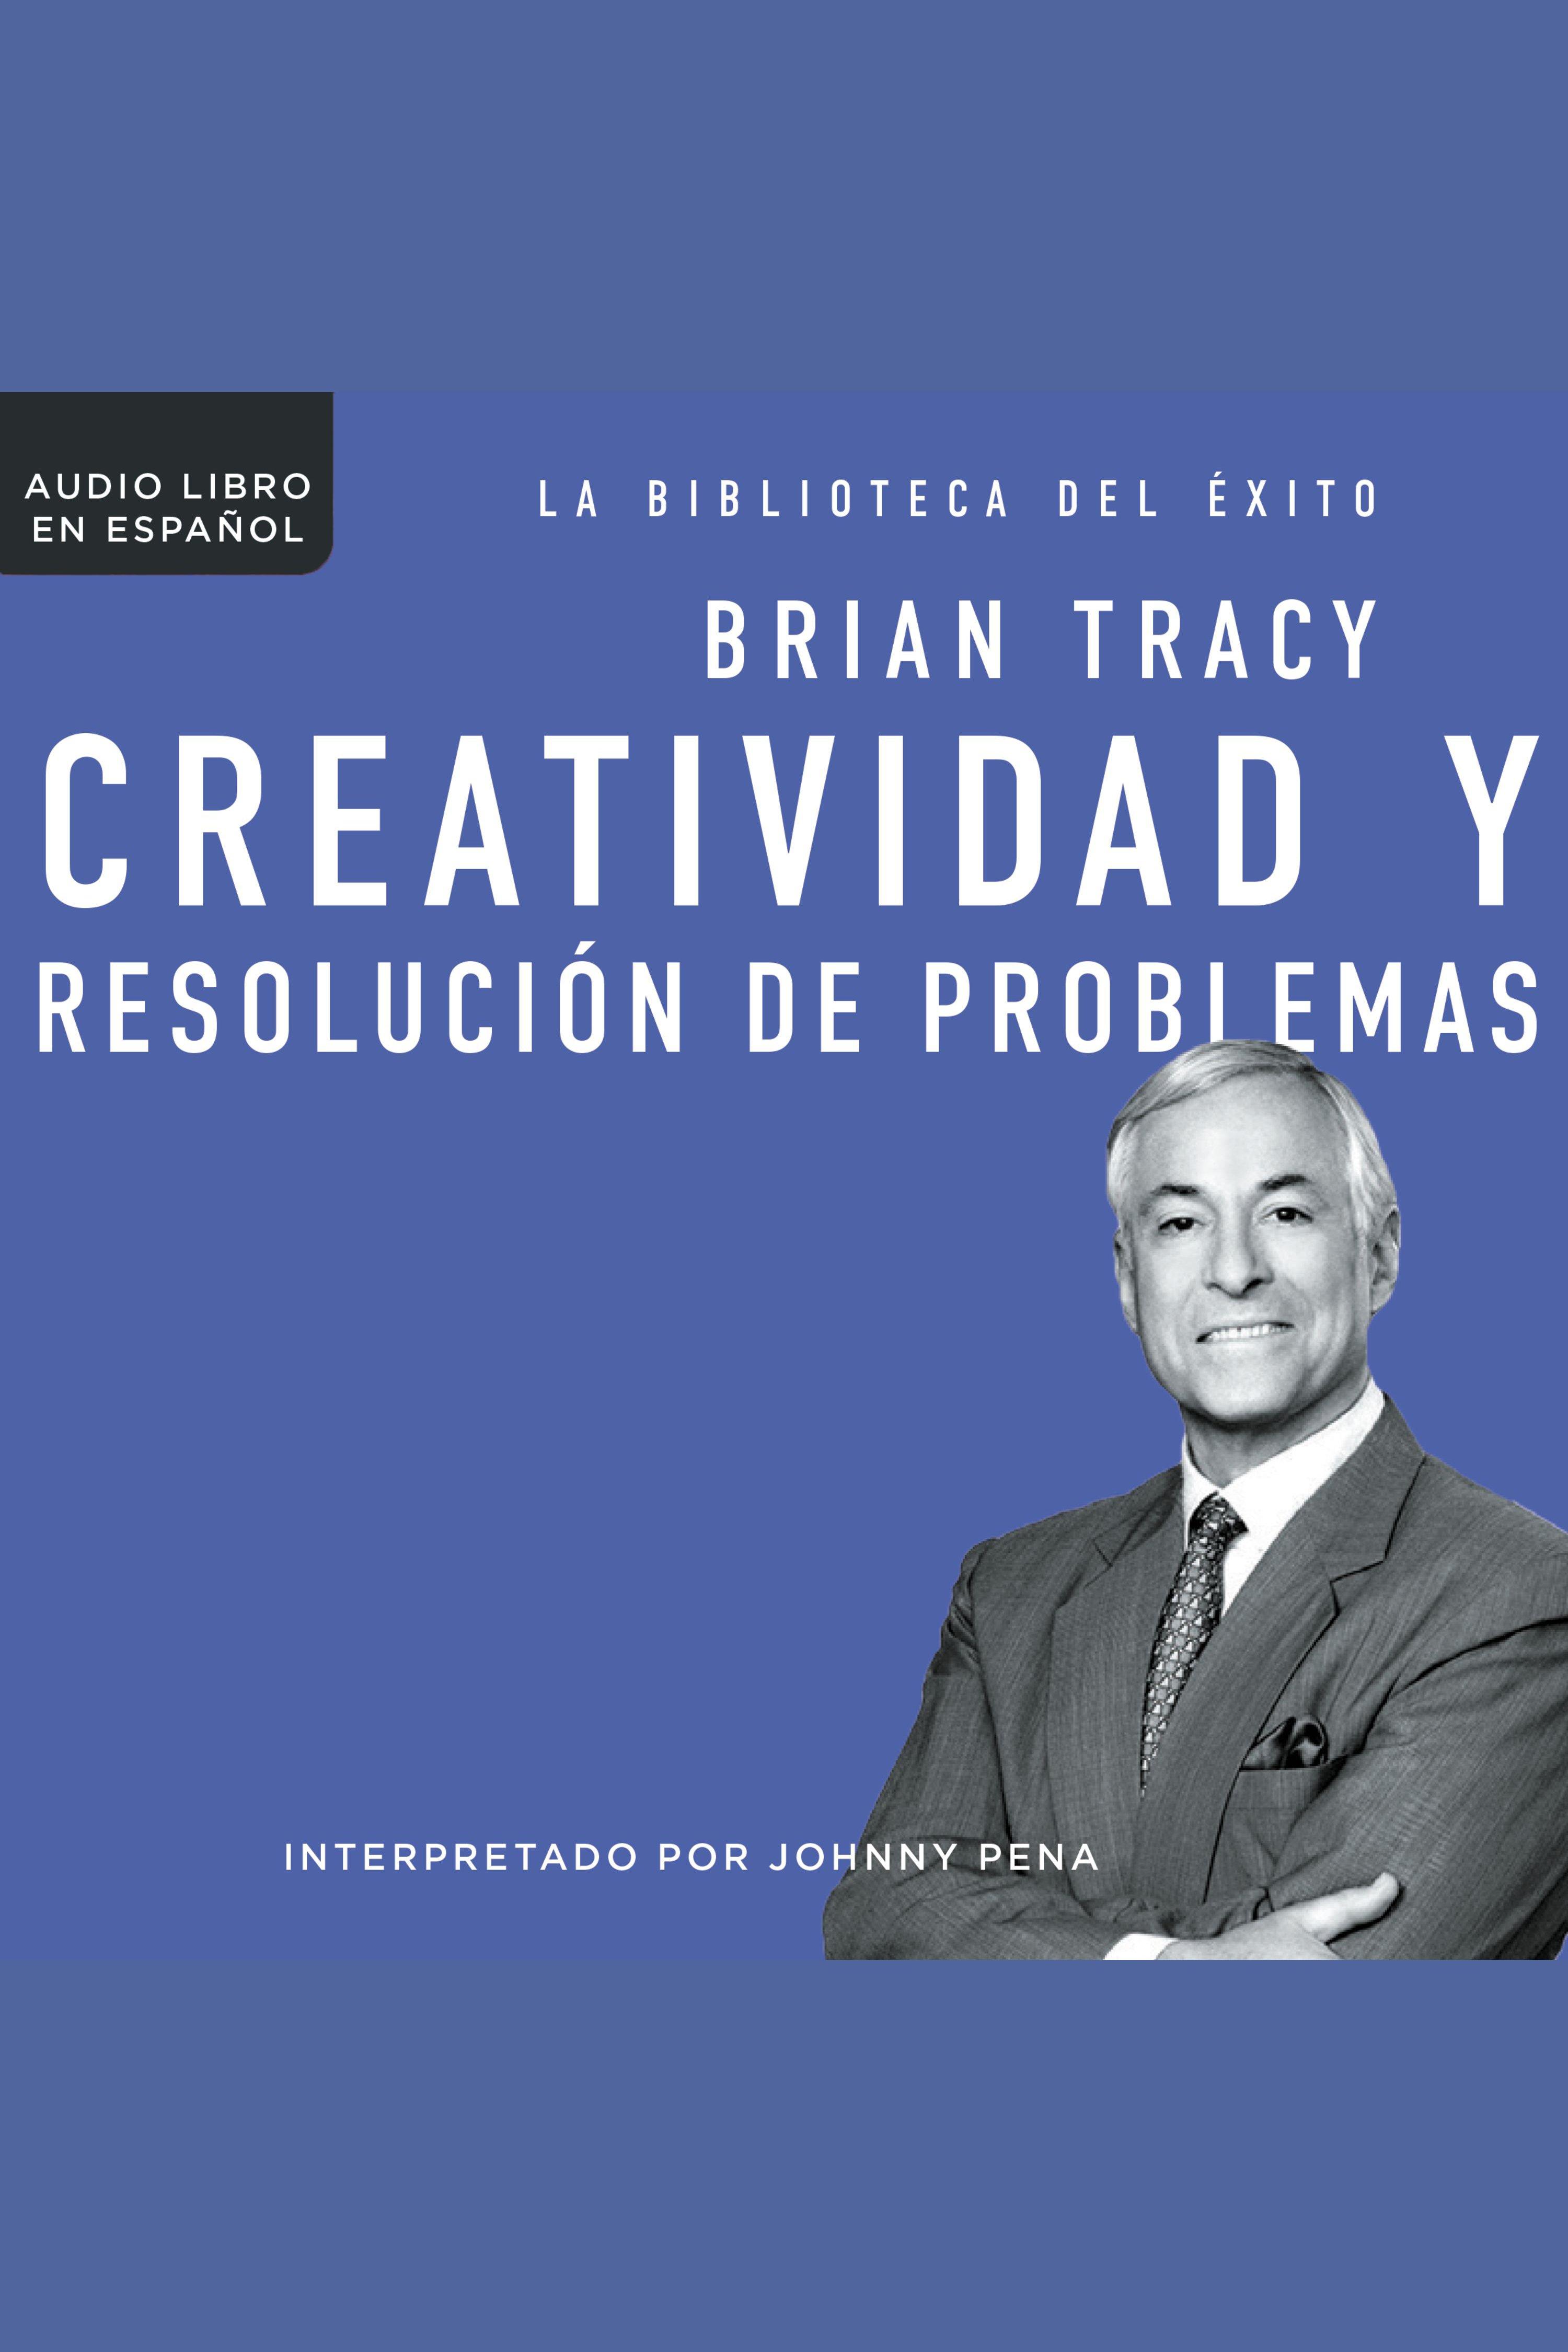 Esta es la portada del audiolibro Creatividad y resolución de problemas